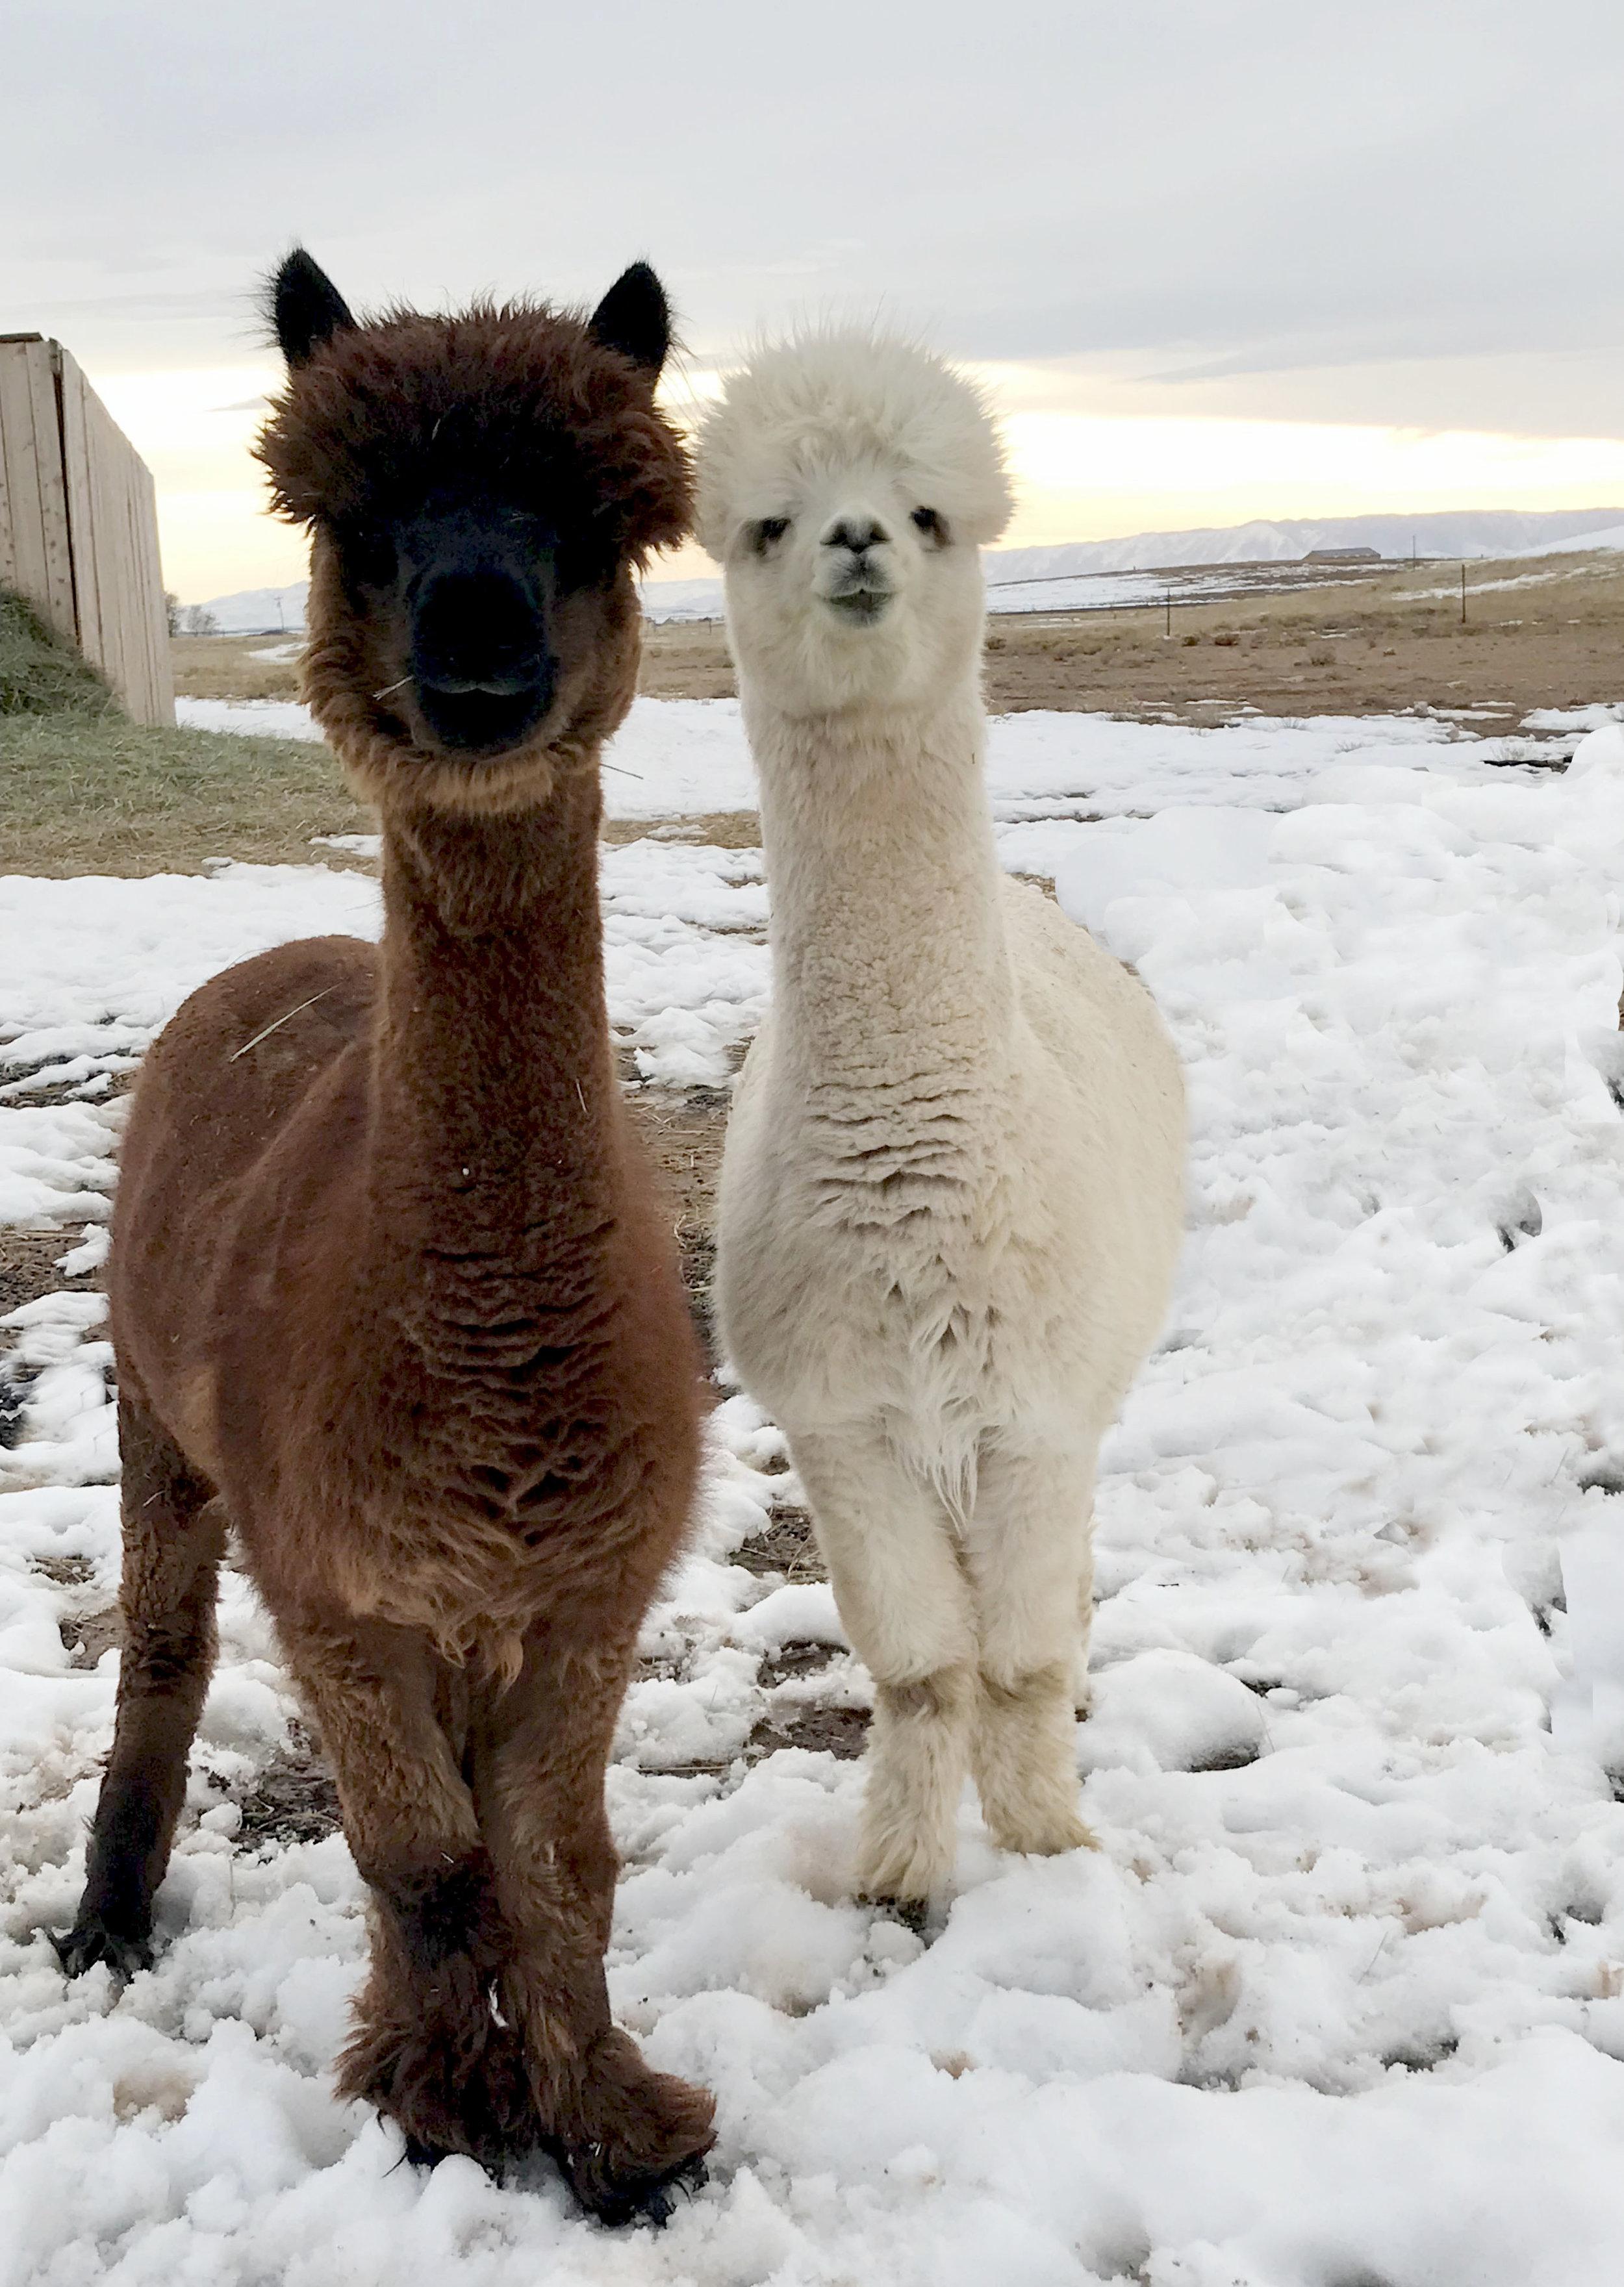 Mondavi the alpaca